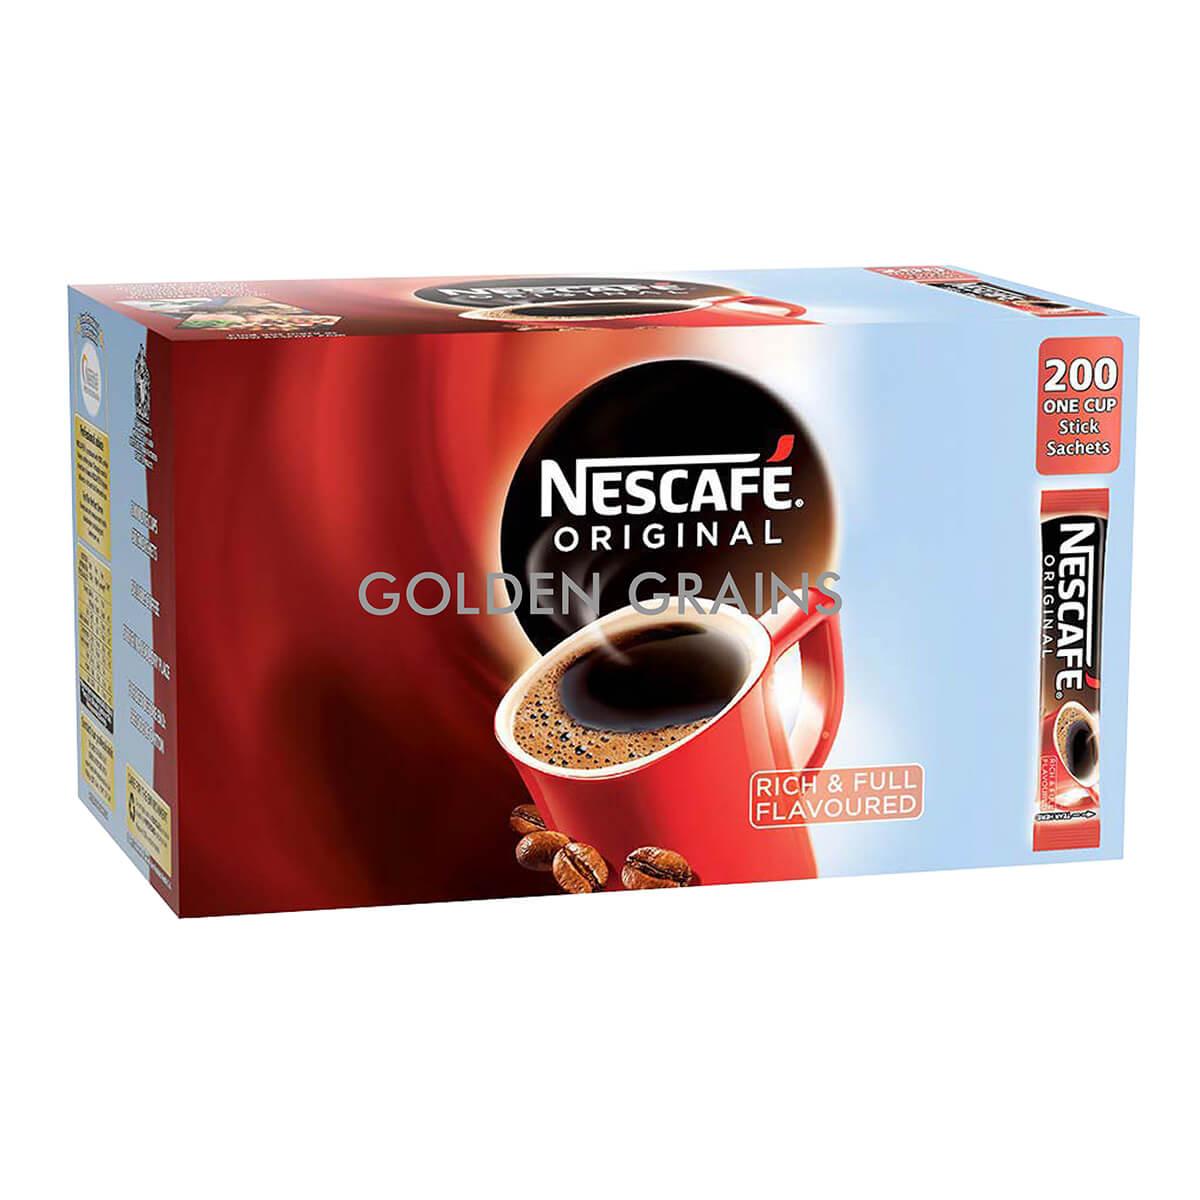 Golden Grains Nescafe - Original Stick - Front.jpg